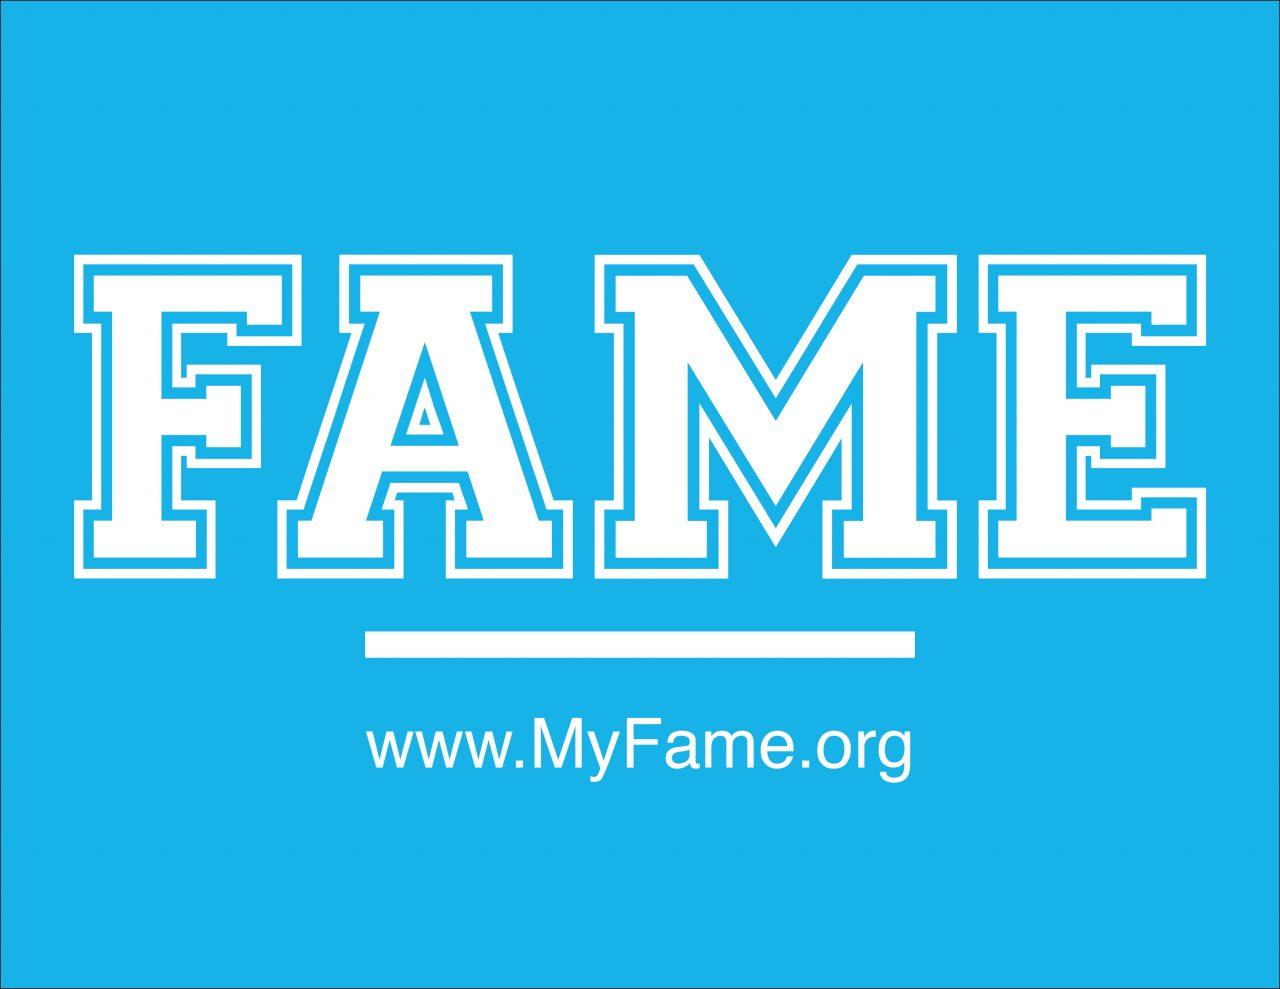 Logo for FAME